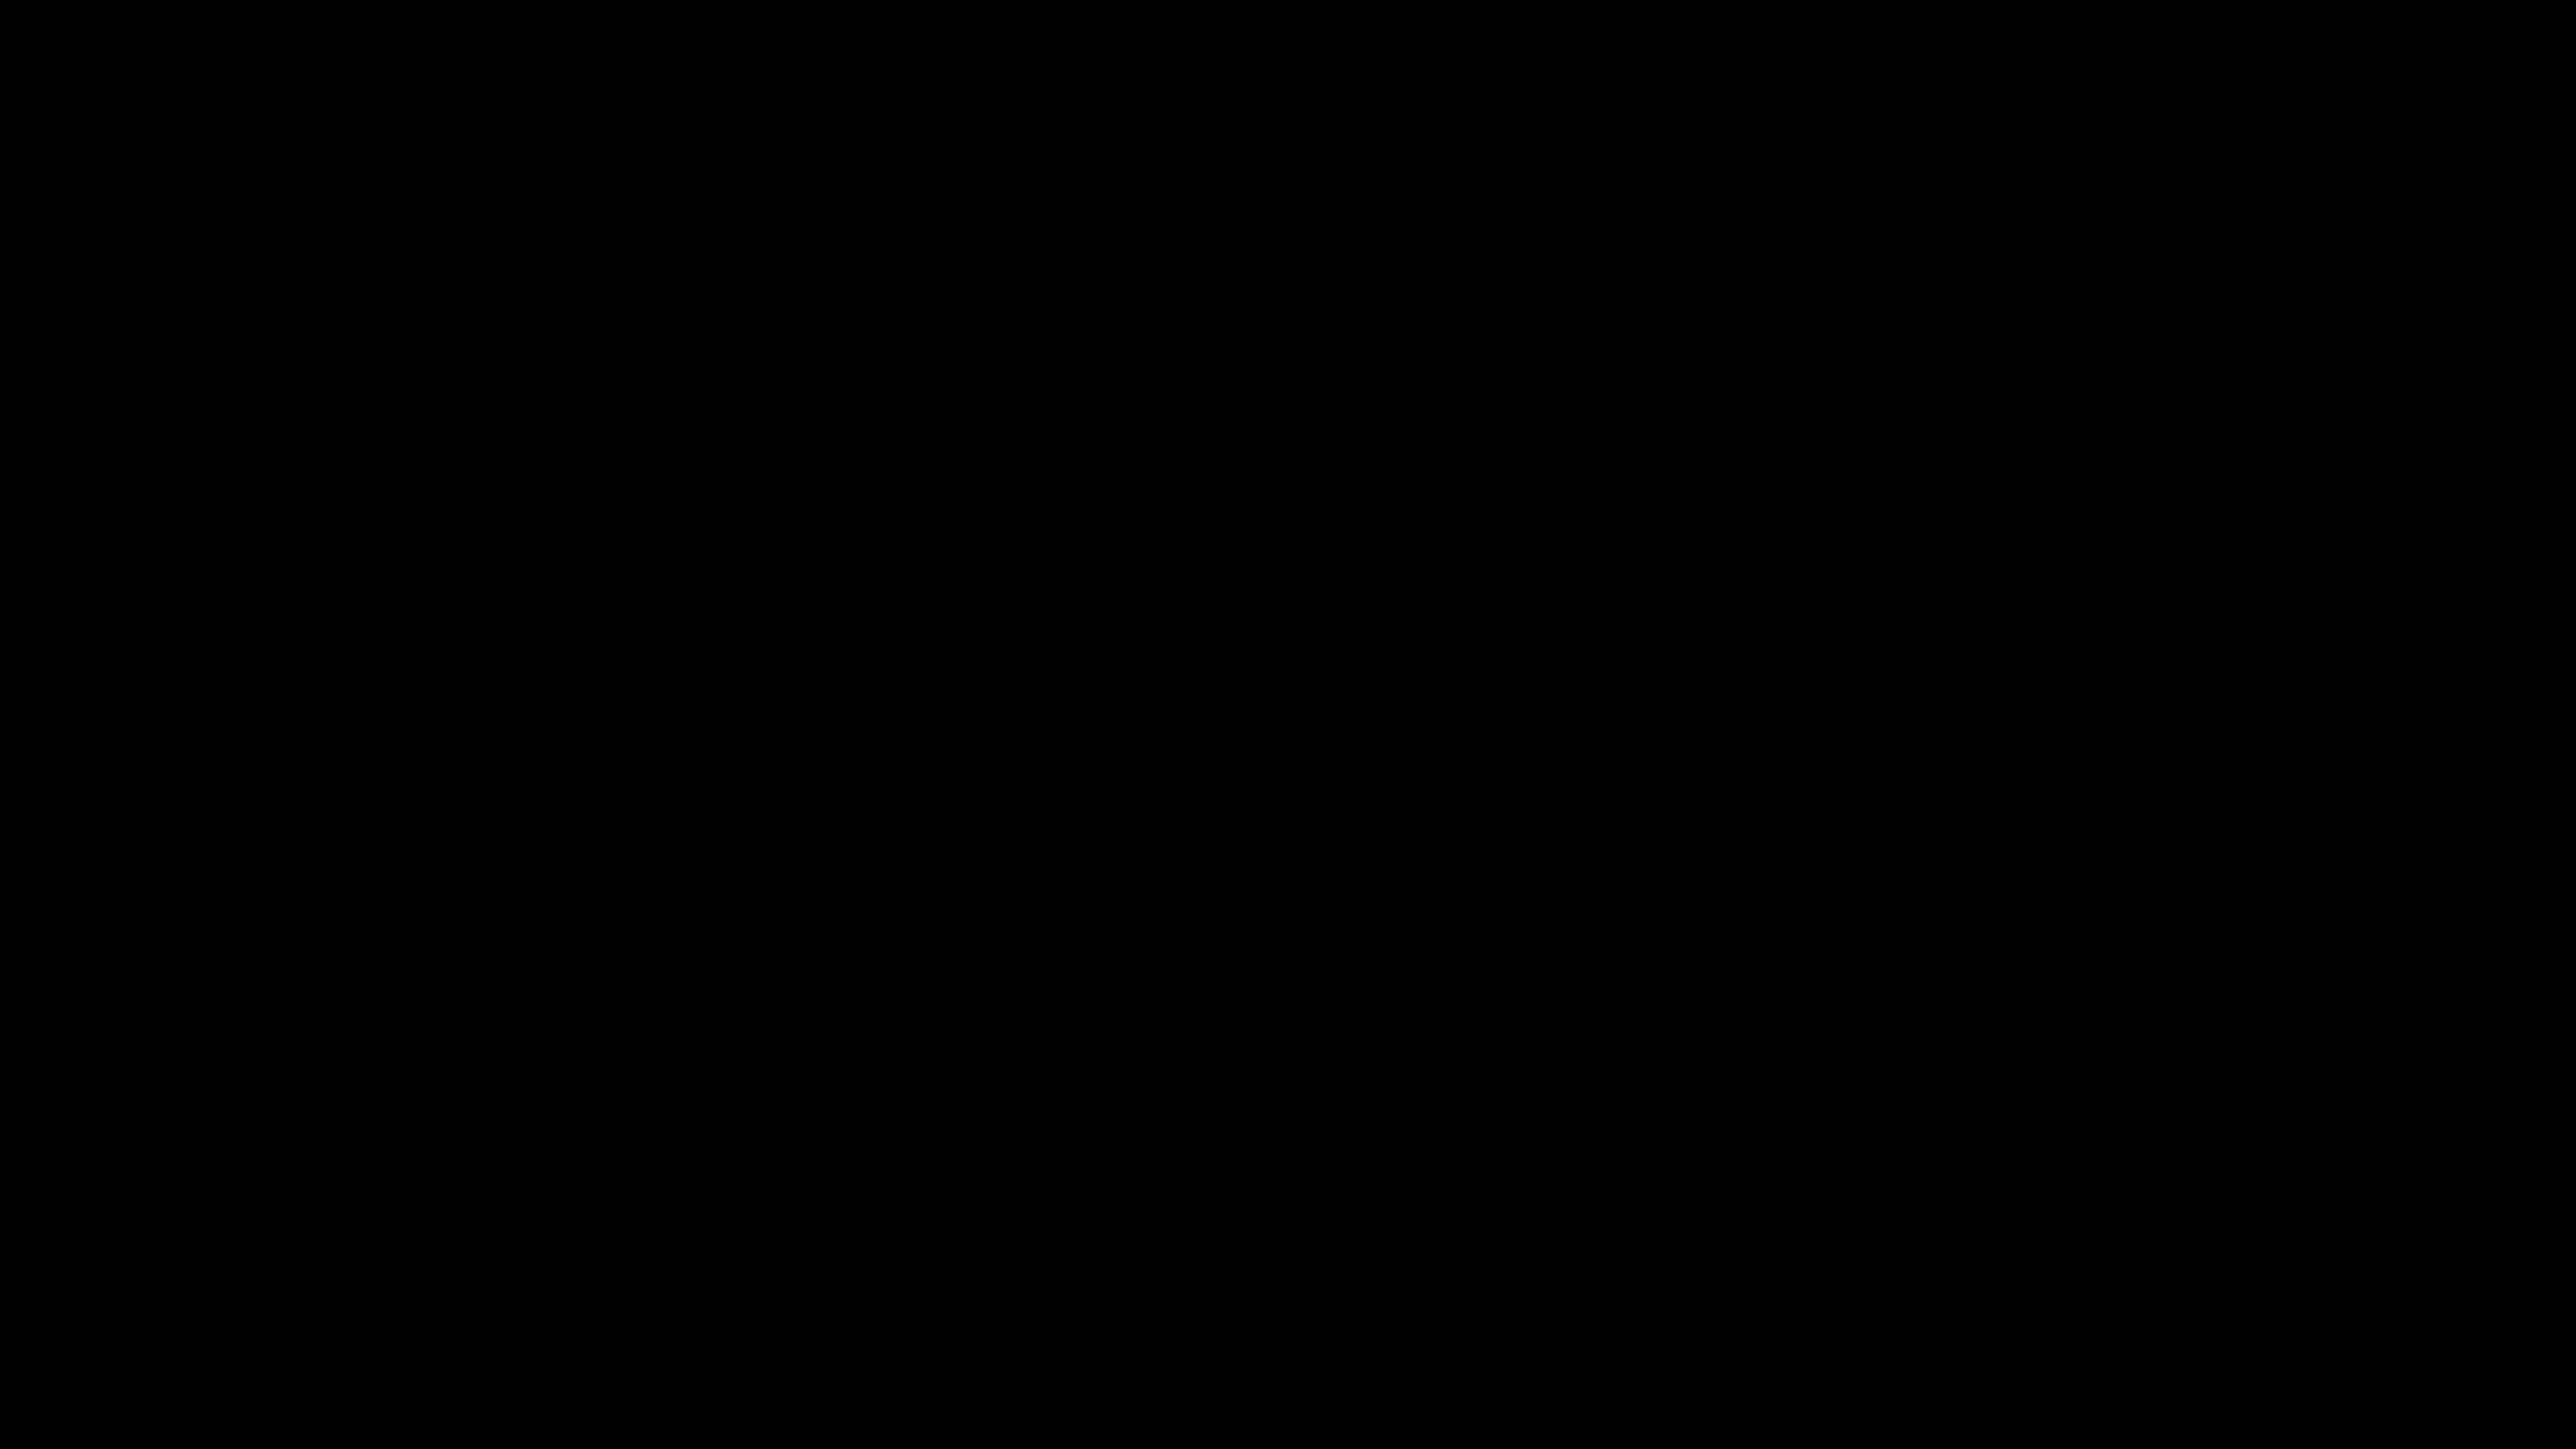 Hình ảnh màu đen 4K 3840x2160